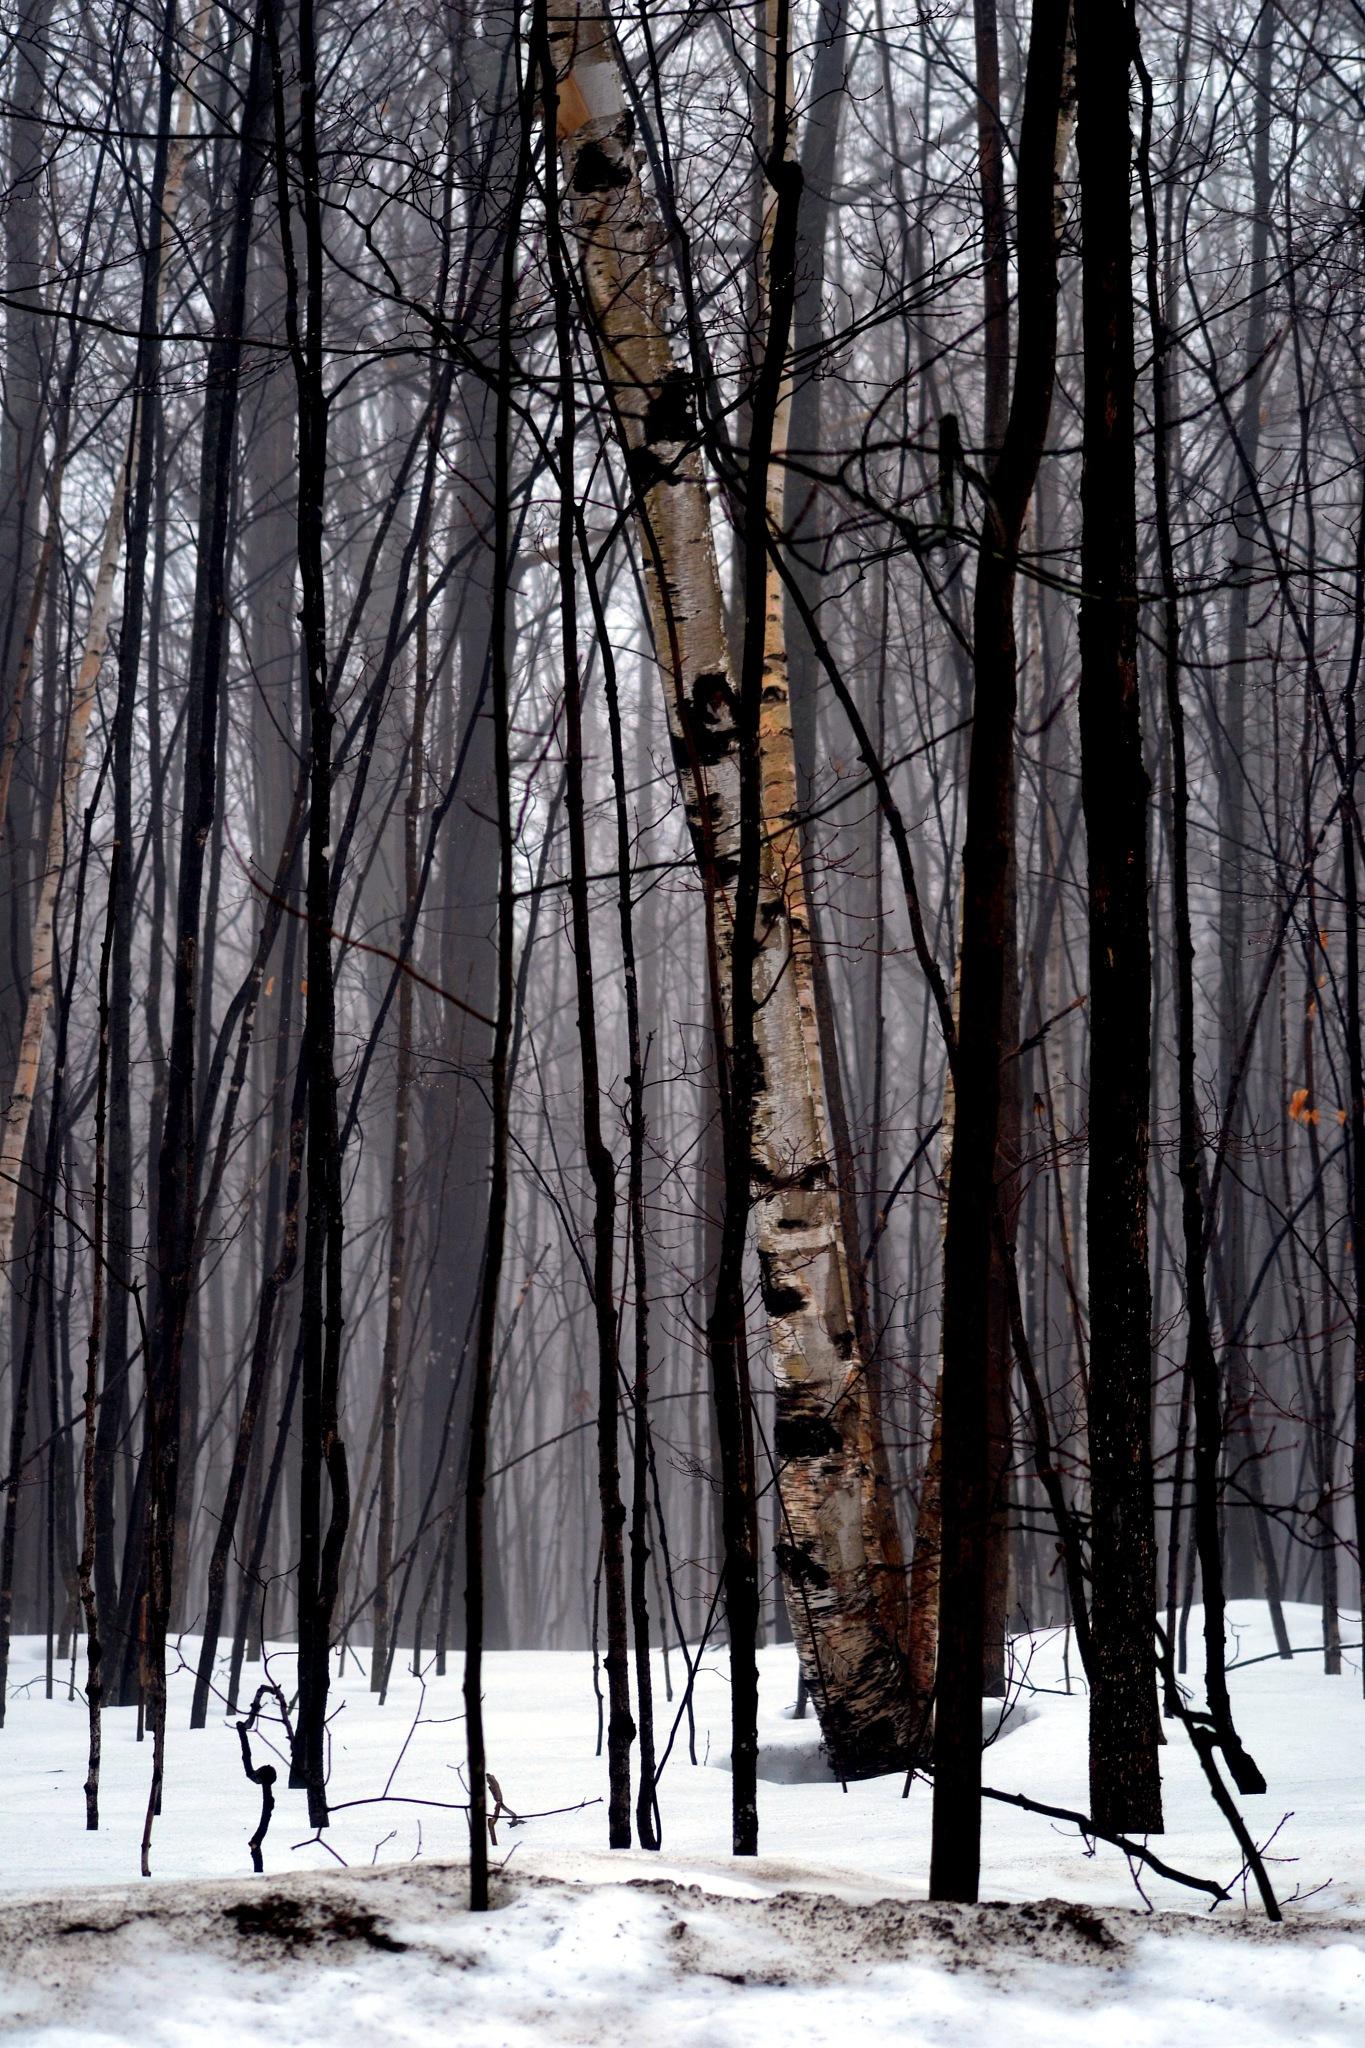 Winter Trees by Steve Webb